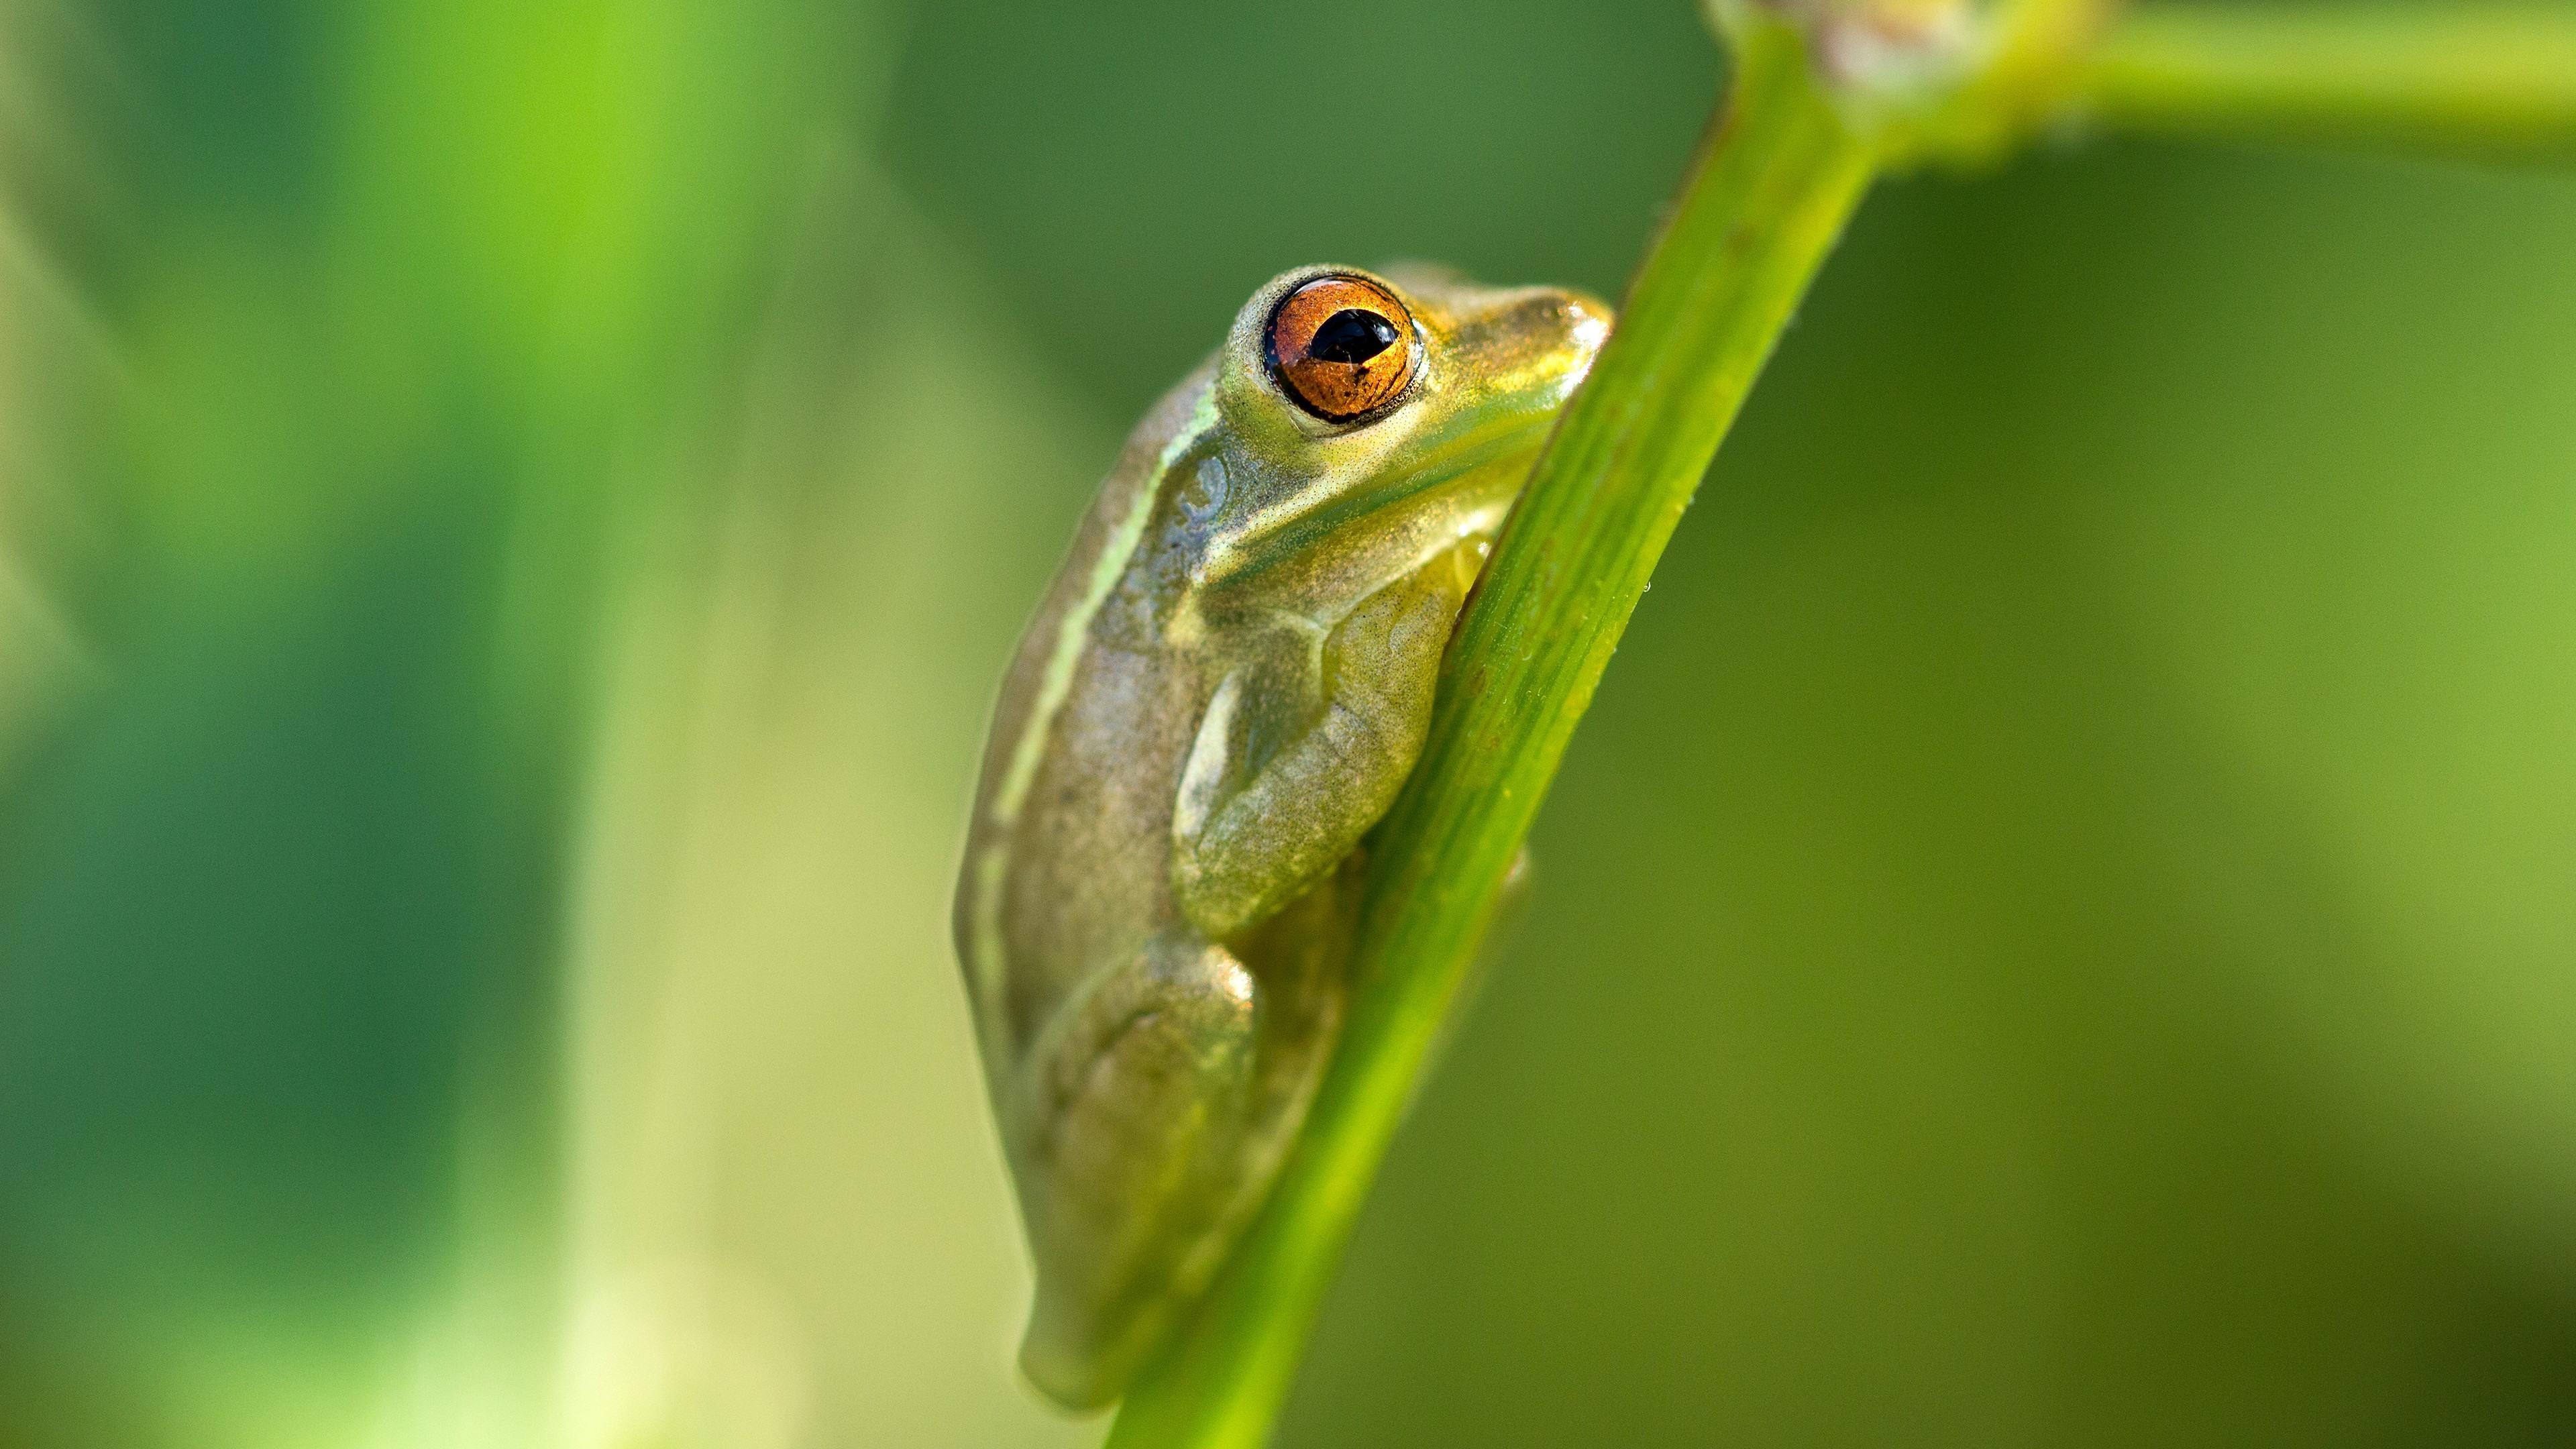 壁紙 緑のカエル 植物の茎 3840x2160 Uhd 4k 無料のデスクトップの